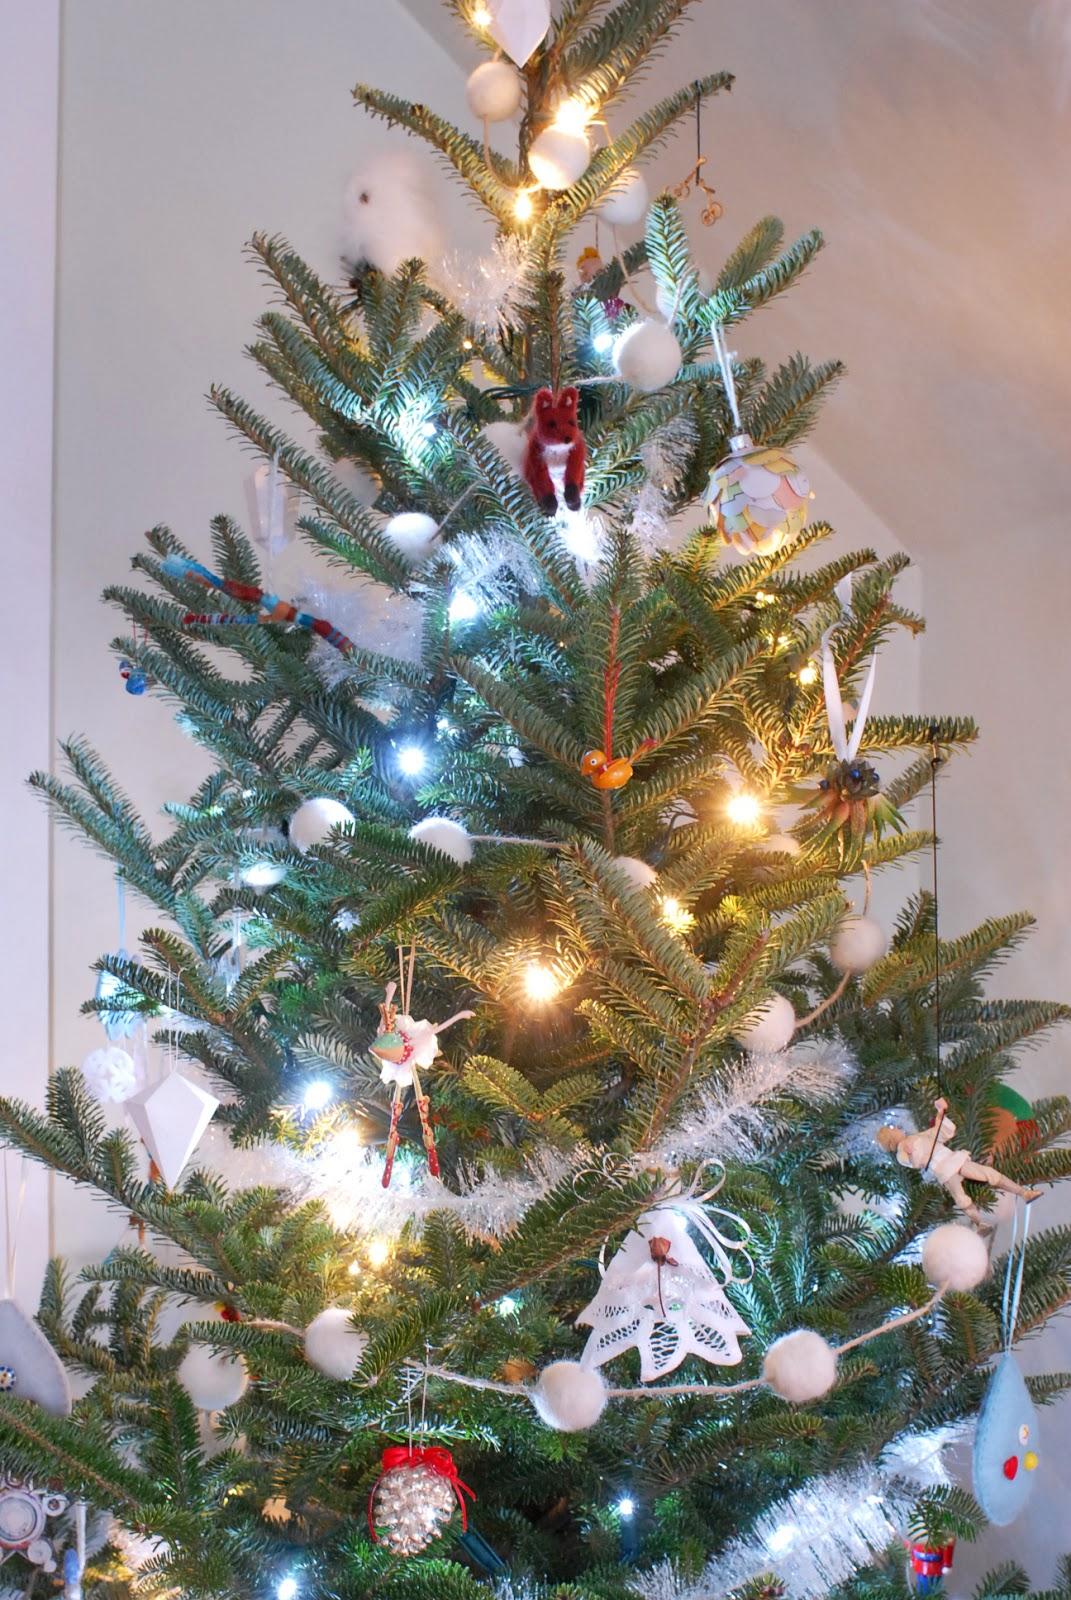 Decorate the christmas tree fa la la la - Luke Skywalker Is Grapple Hooking It Up The Right Side